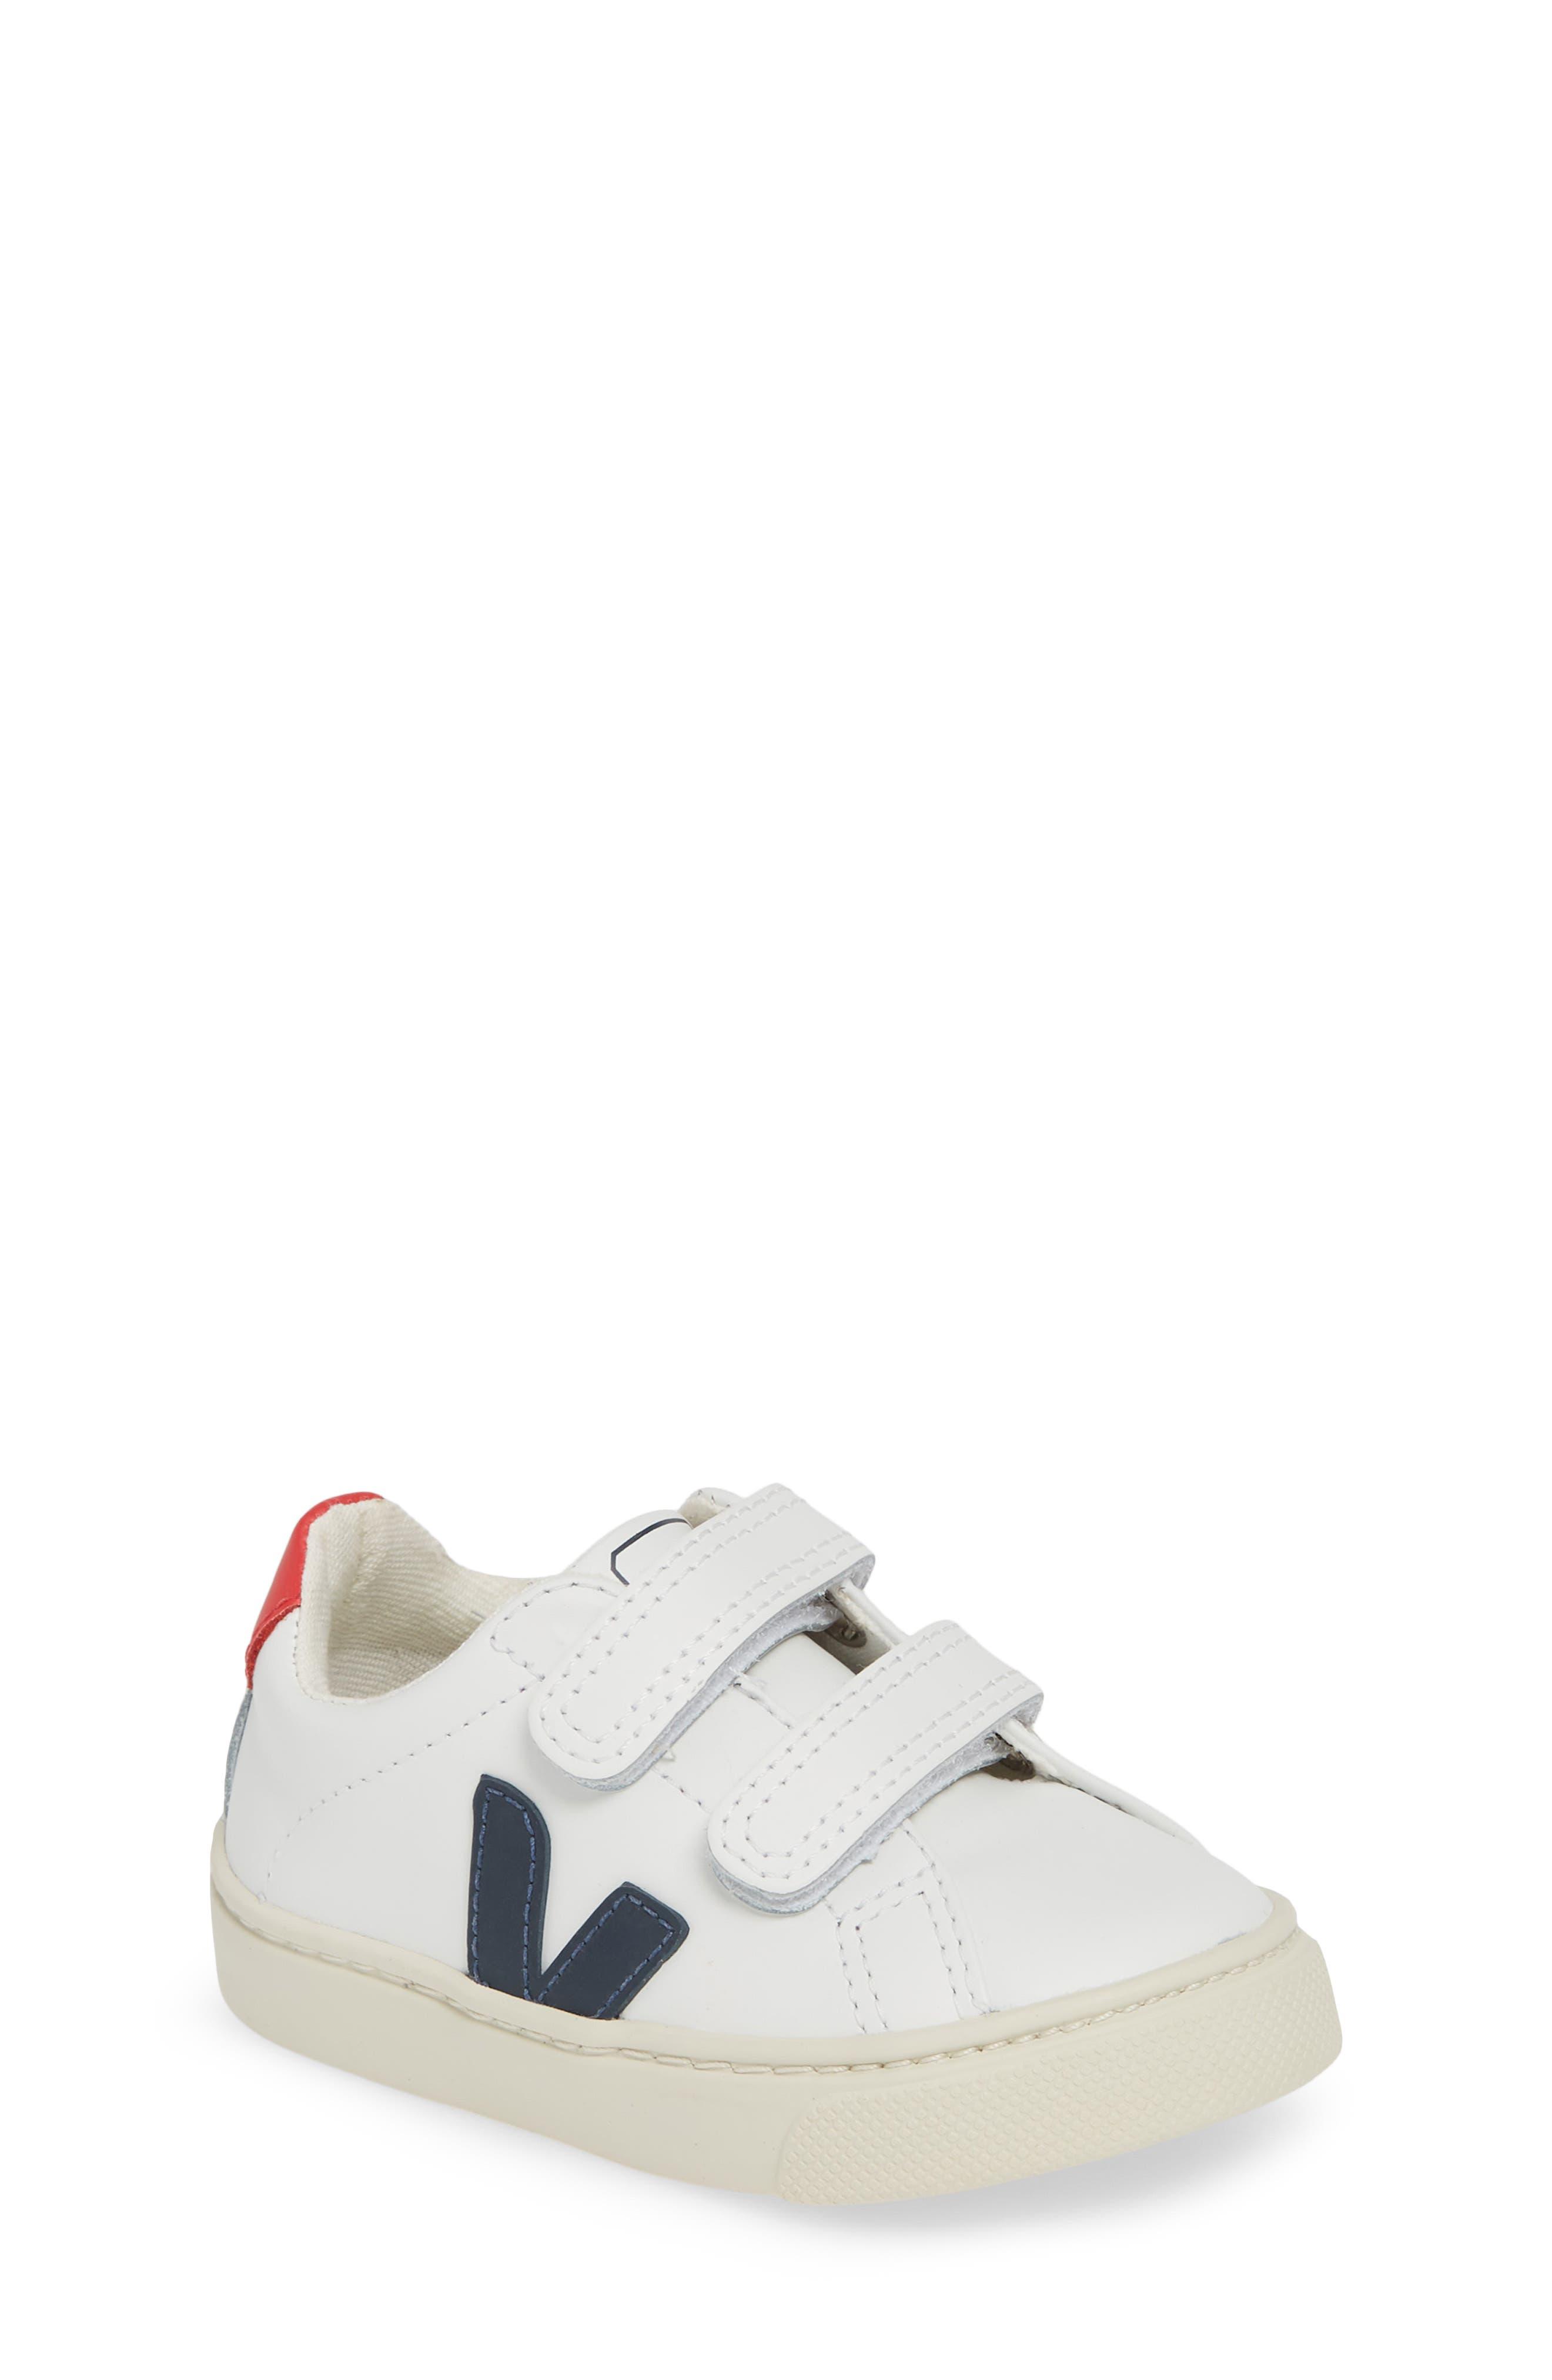 VEJA | Esplar Hook-and-Loop Sneaker